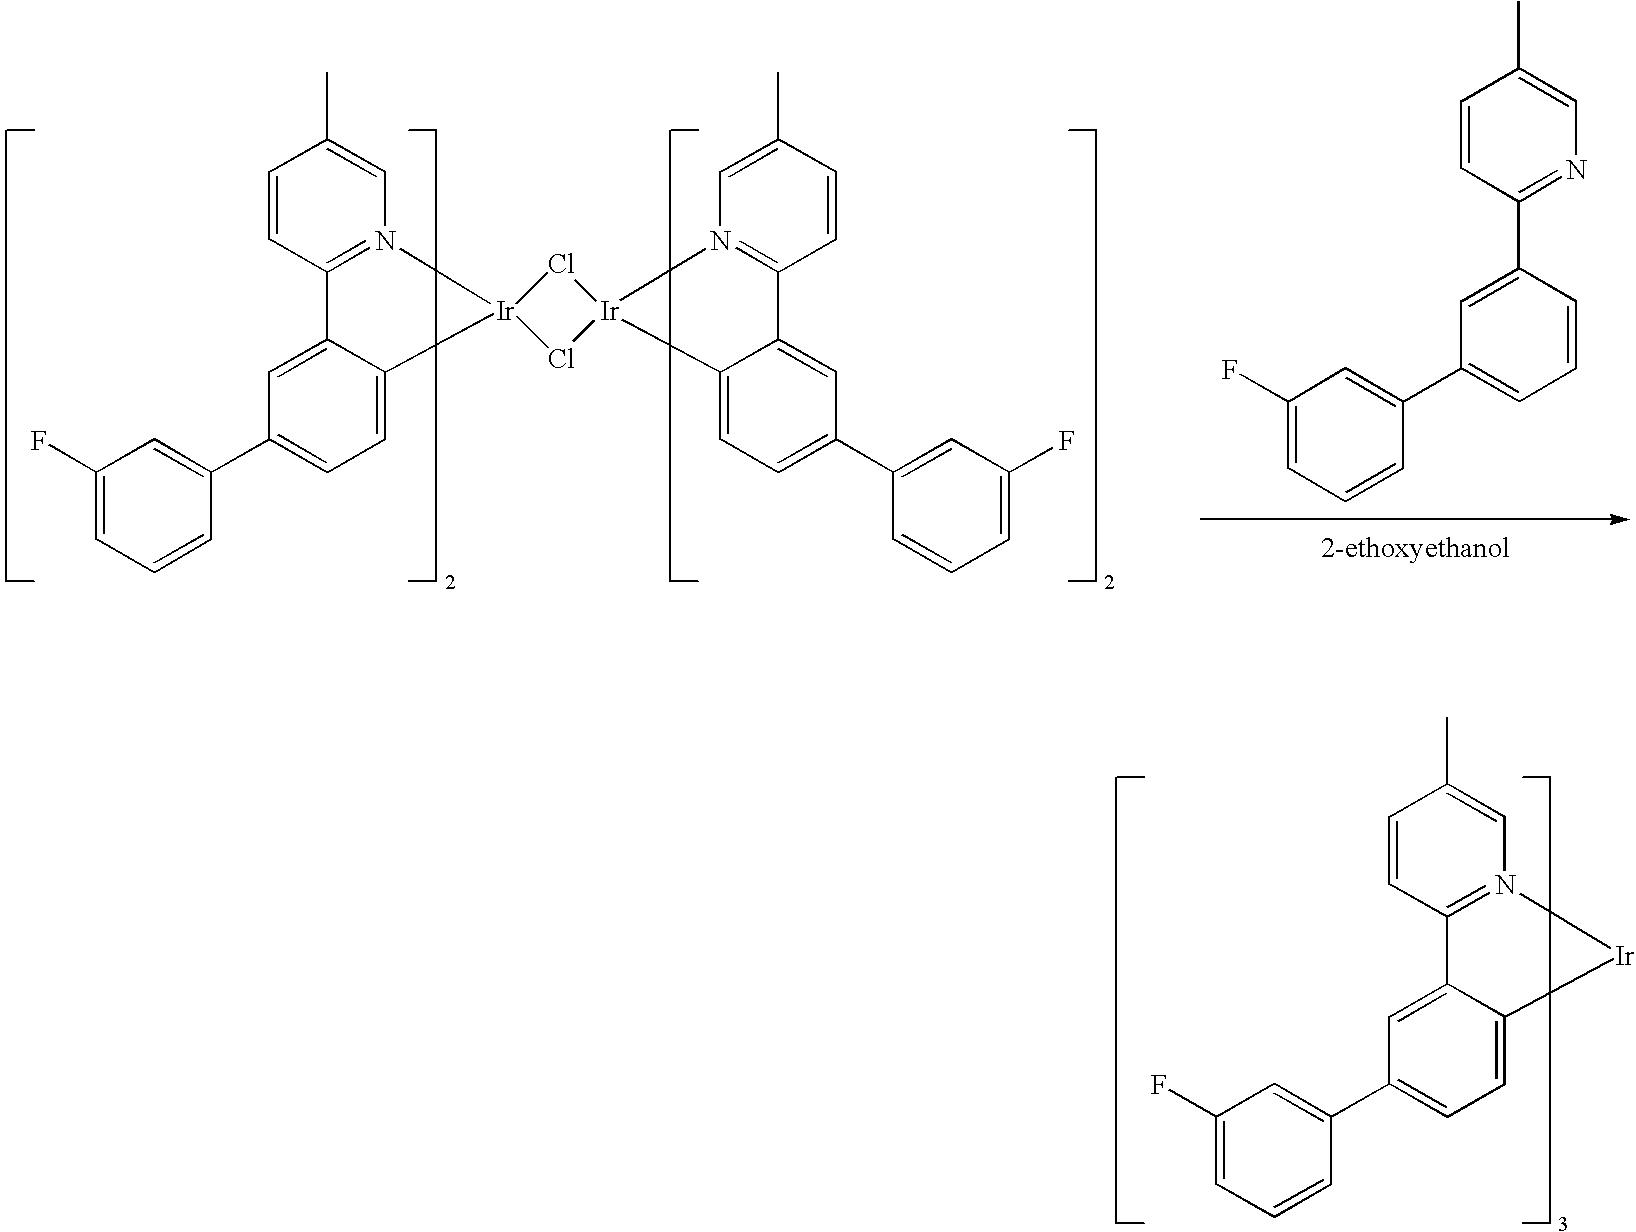 Figure US20070003789A1-20070104-C00096